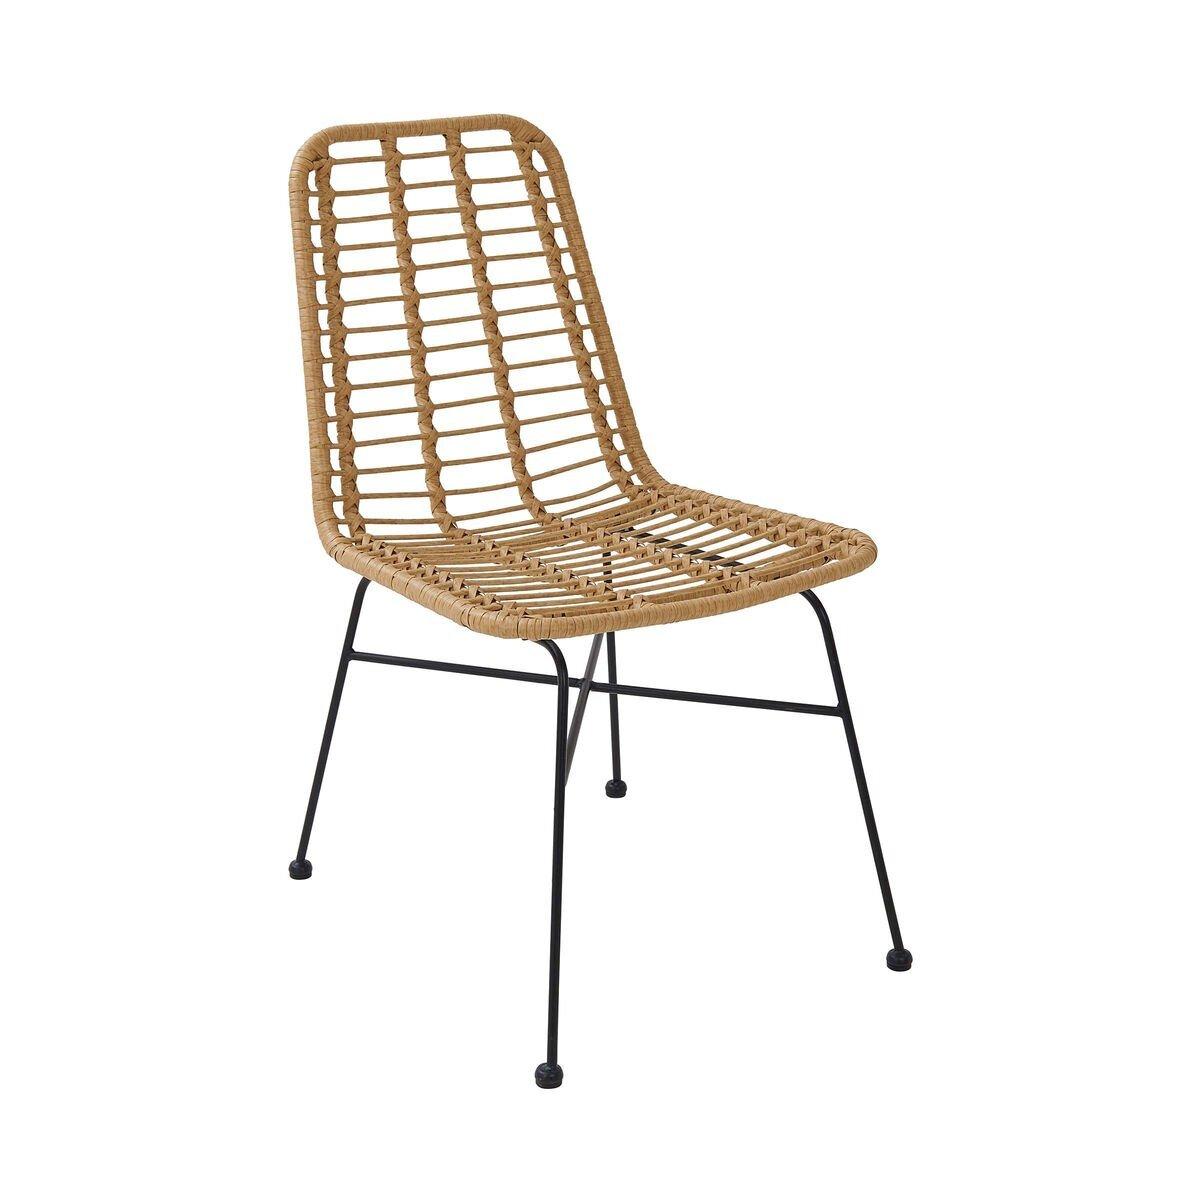 Bild 1 von Outdoor-Stuhl